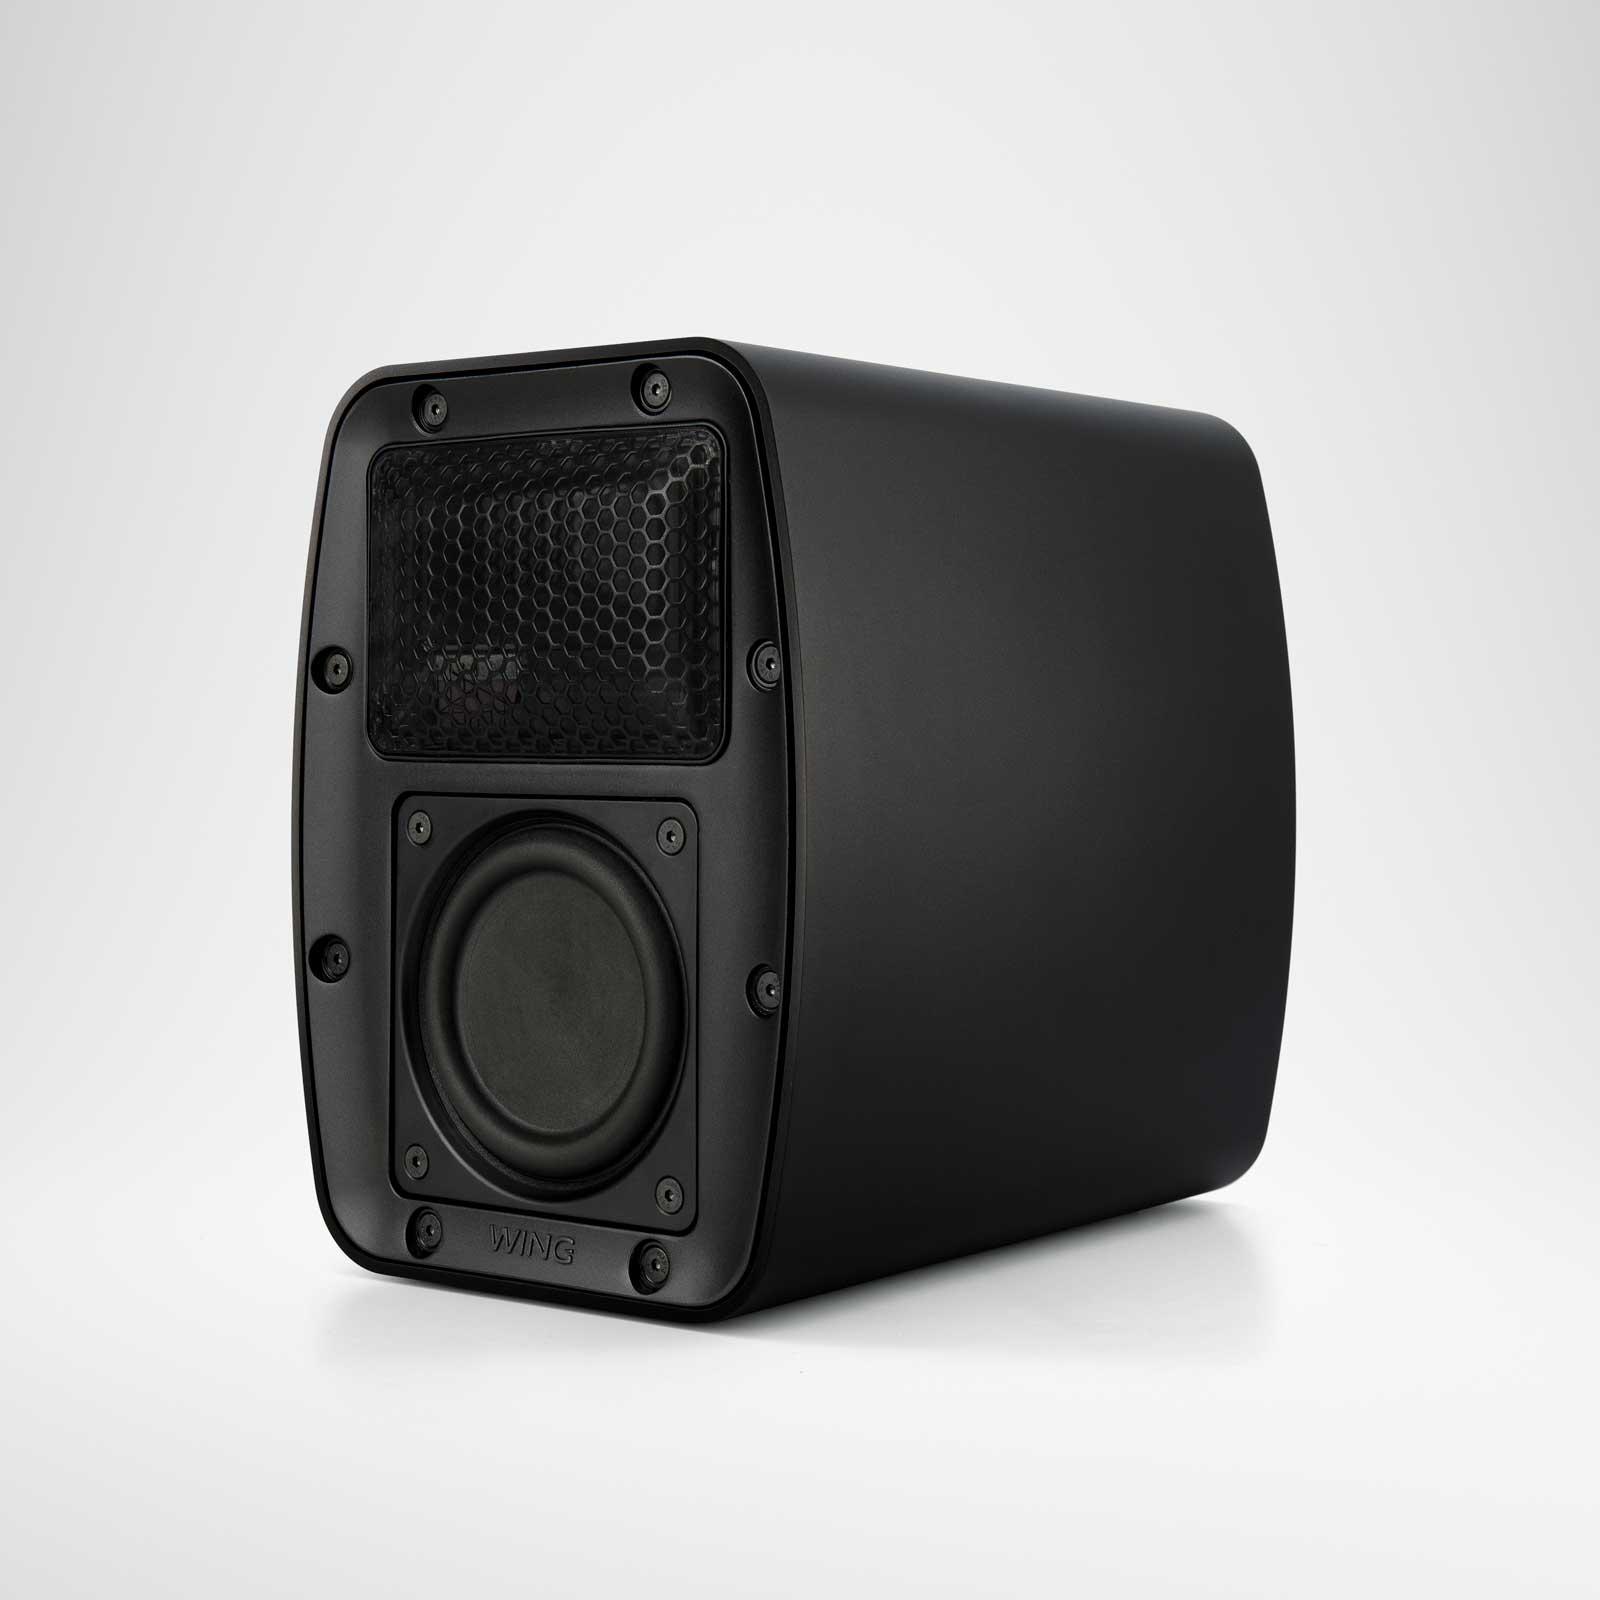 Wing - Best shelf speakers